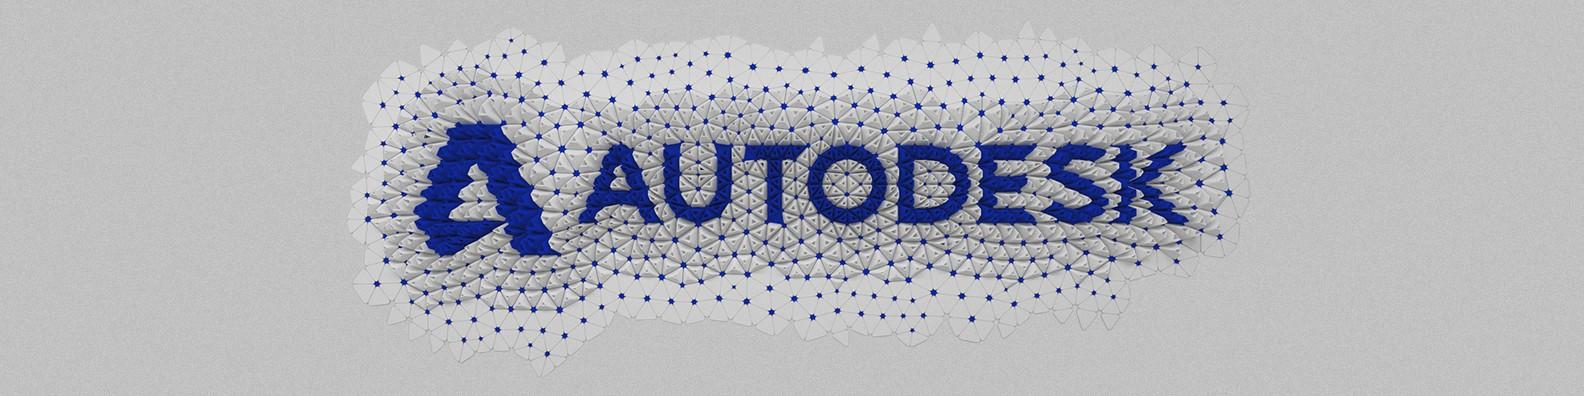 CGK Tecnologia anuncia parceria com Autodesk no Brasil